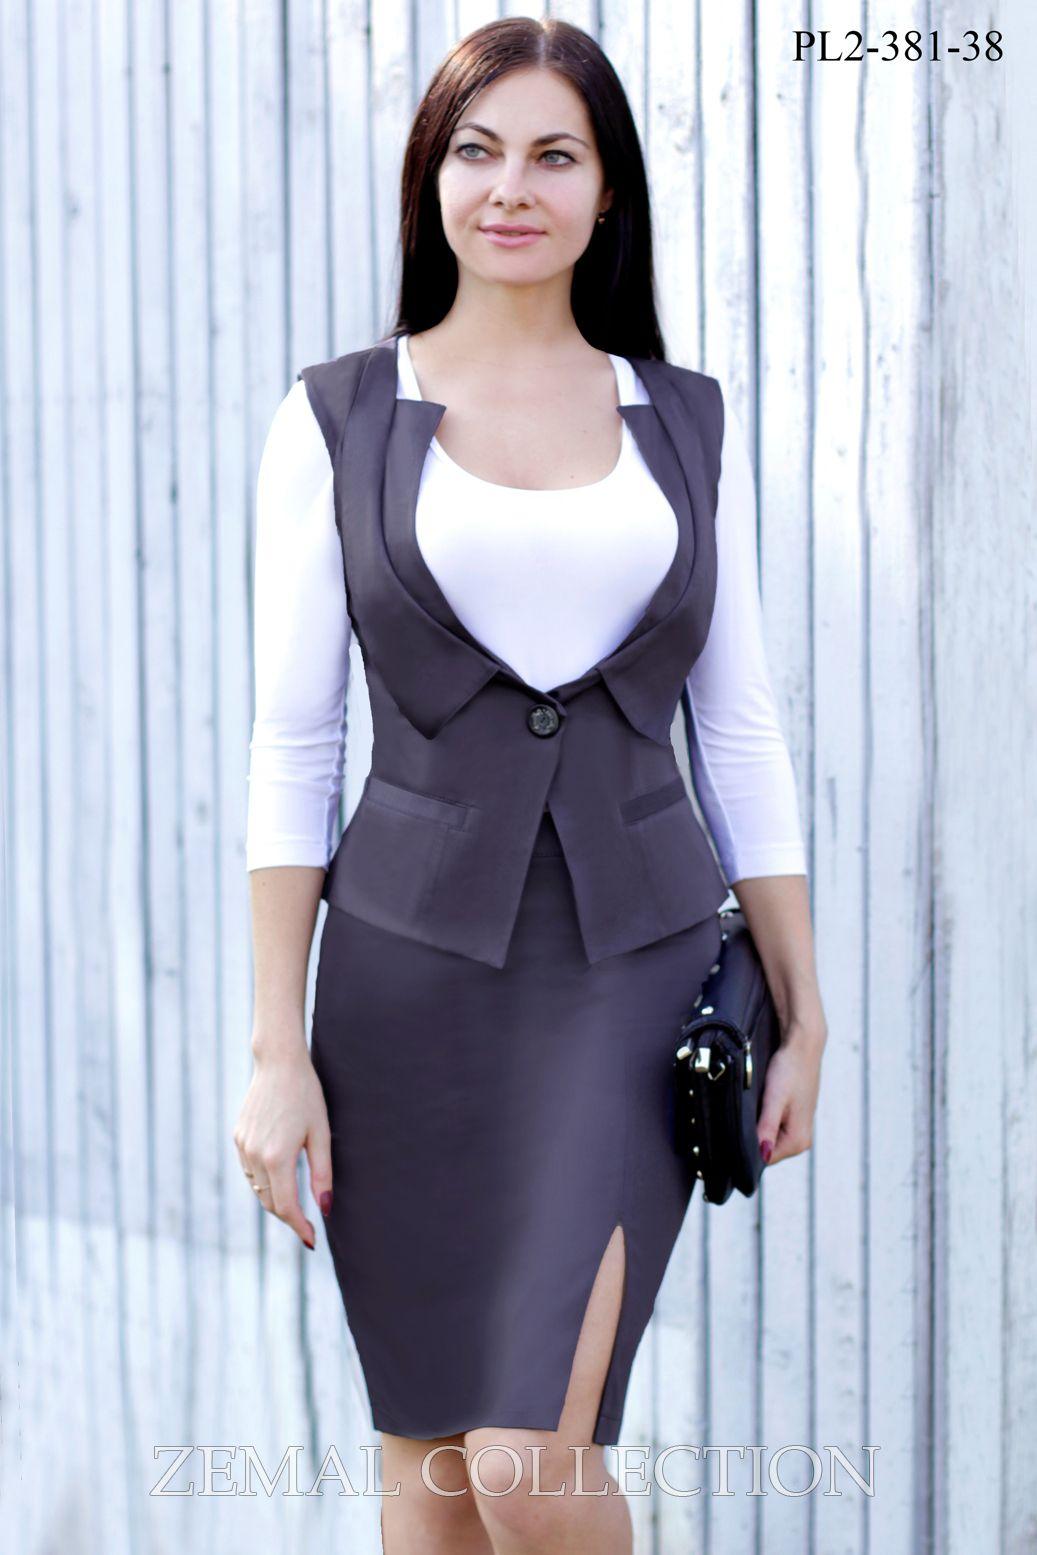 Женский костюм с жилетом